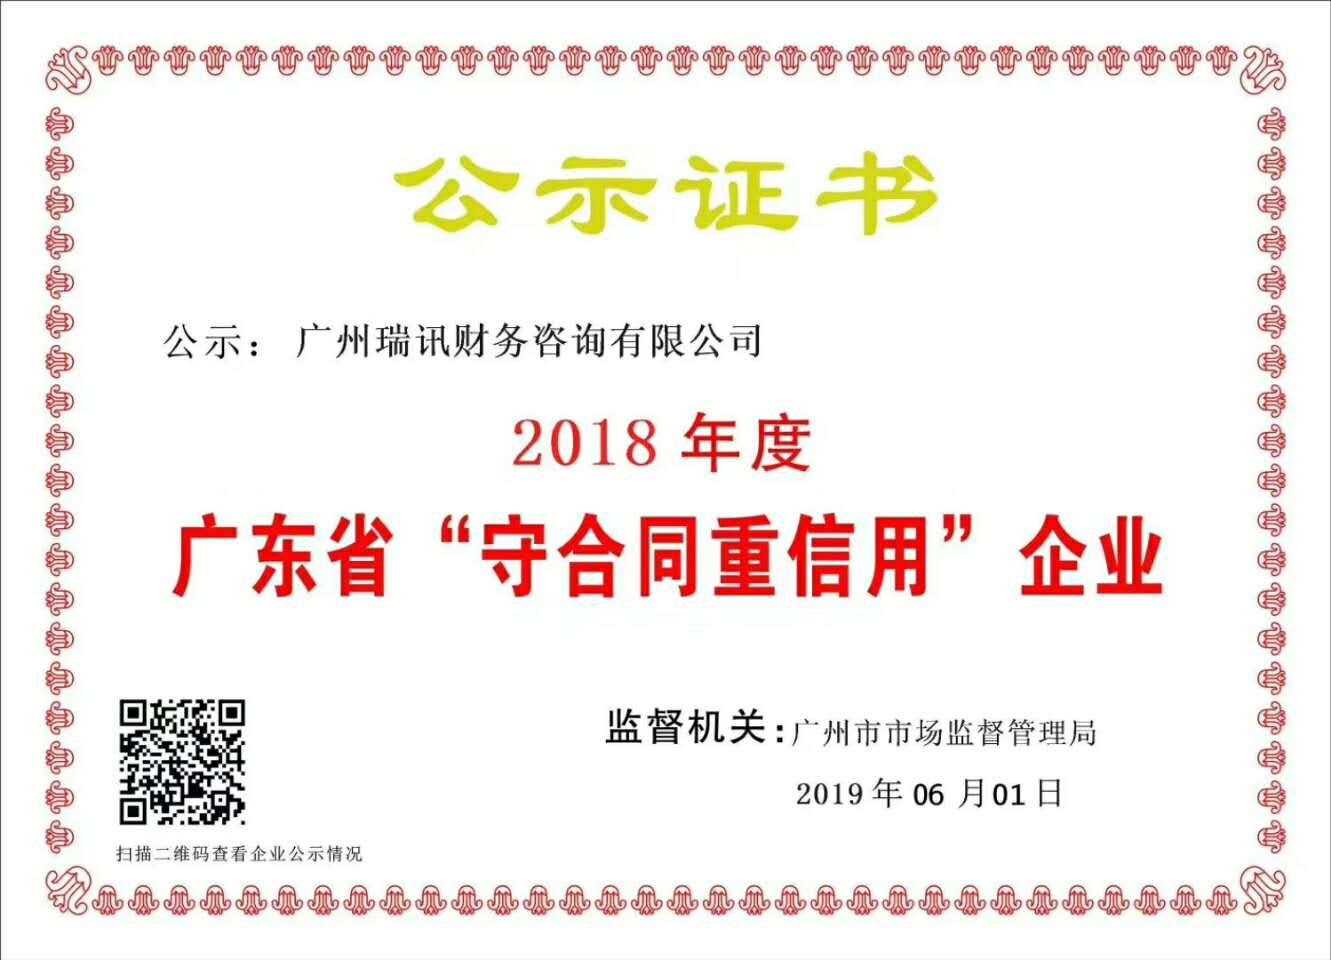 广州申请广东重信用守合同费用 去哪里办理?